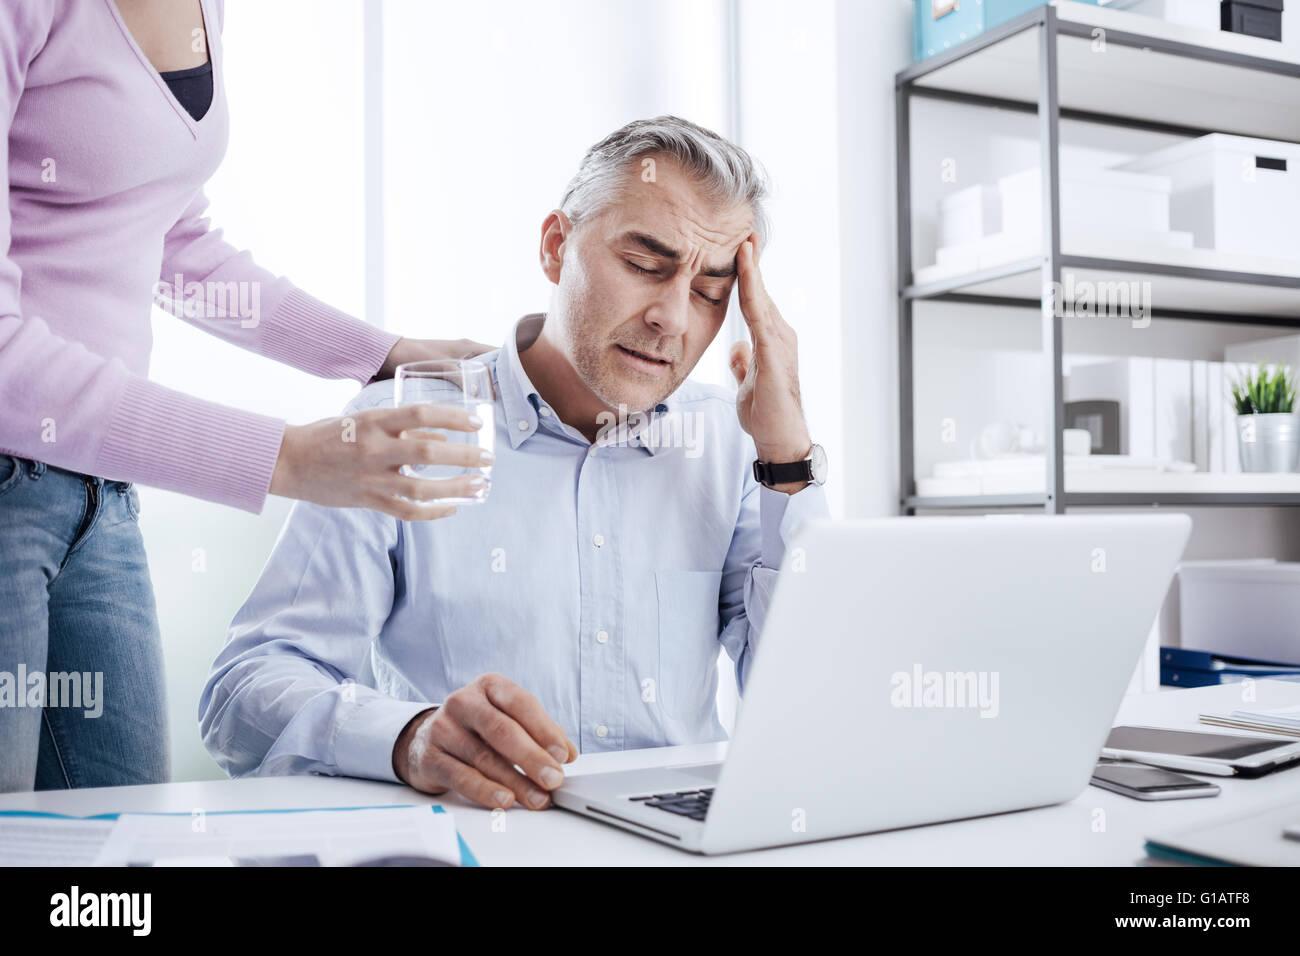 Cansado del empresario en la oficina trabajando en el escritorio y tener un dolor de cabeza fuerte, su colega es Imagen De Stock